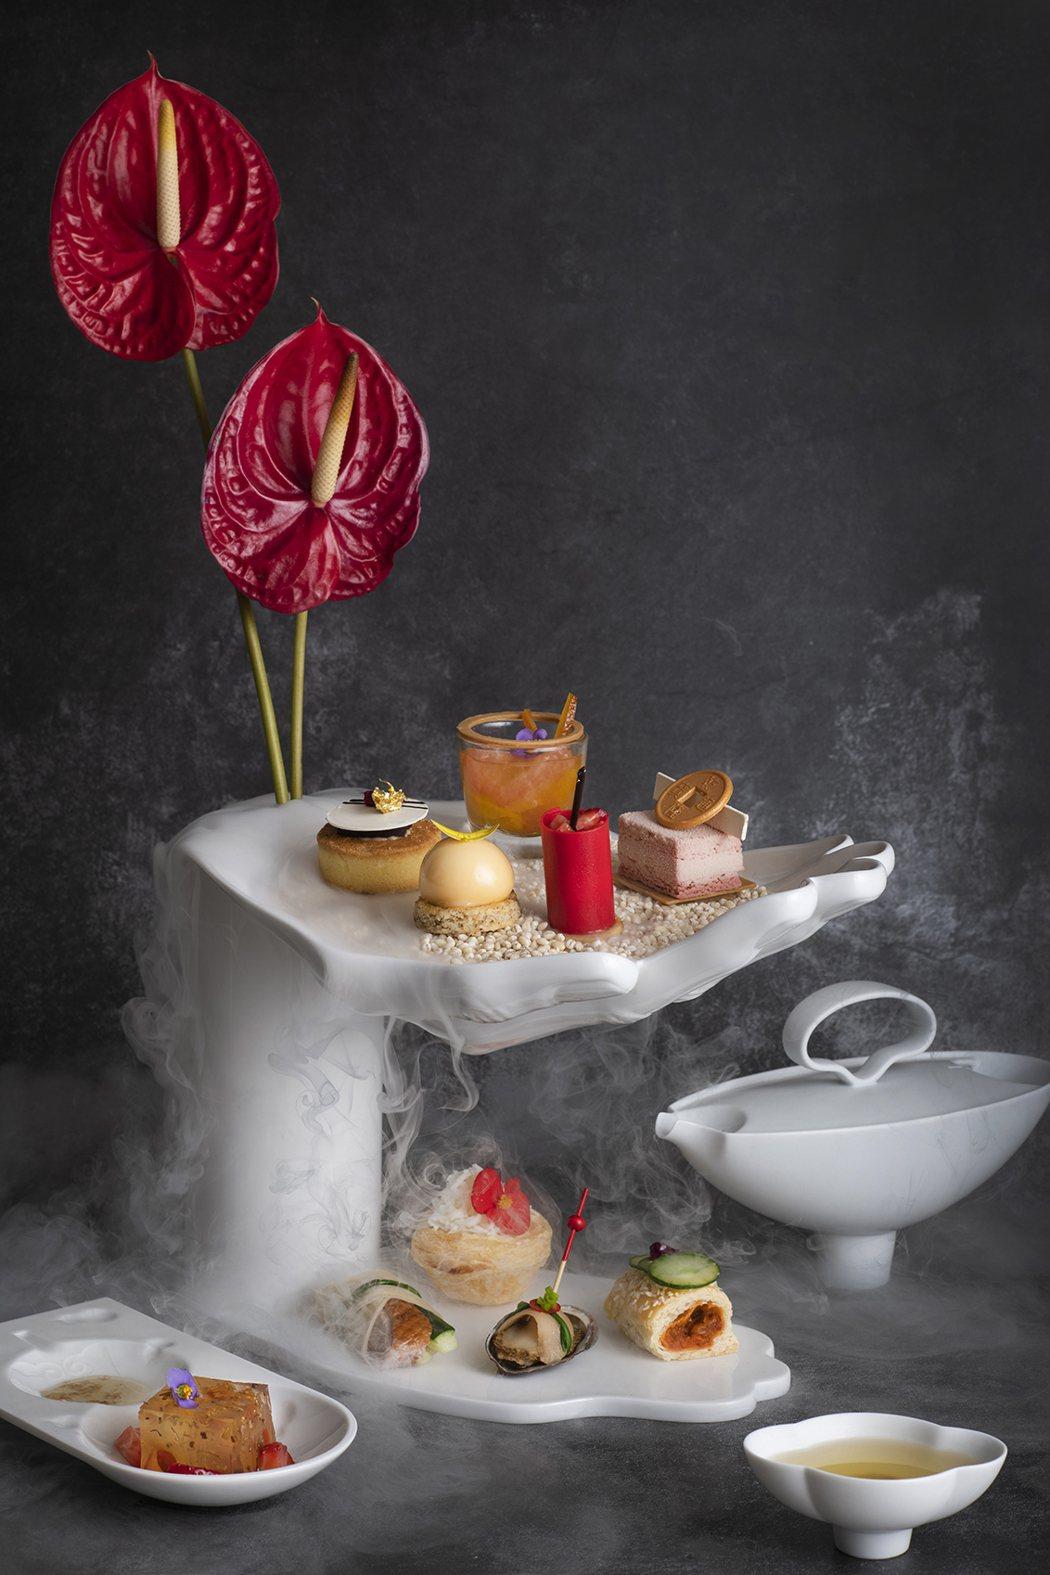 香格里拉台北遠東國際大飯店首度攜手八方新氣於大廳茶軒推出期間限定新氣下午茶。...